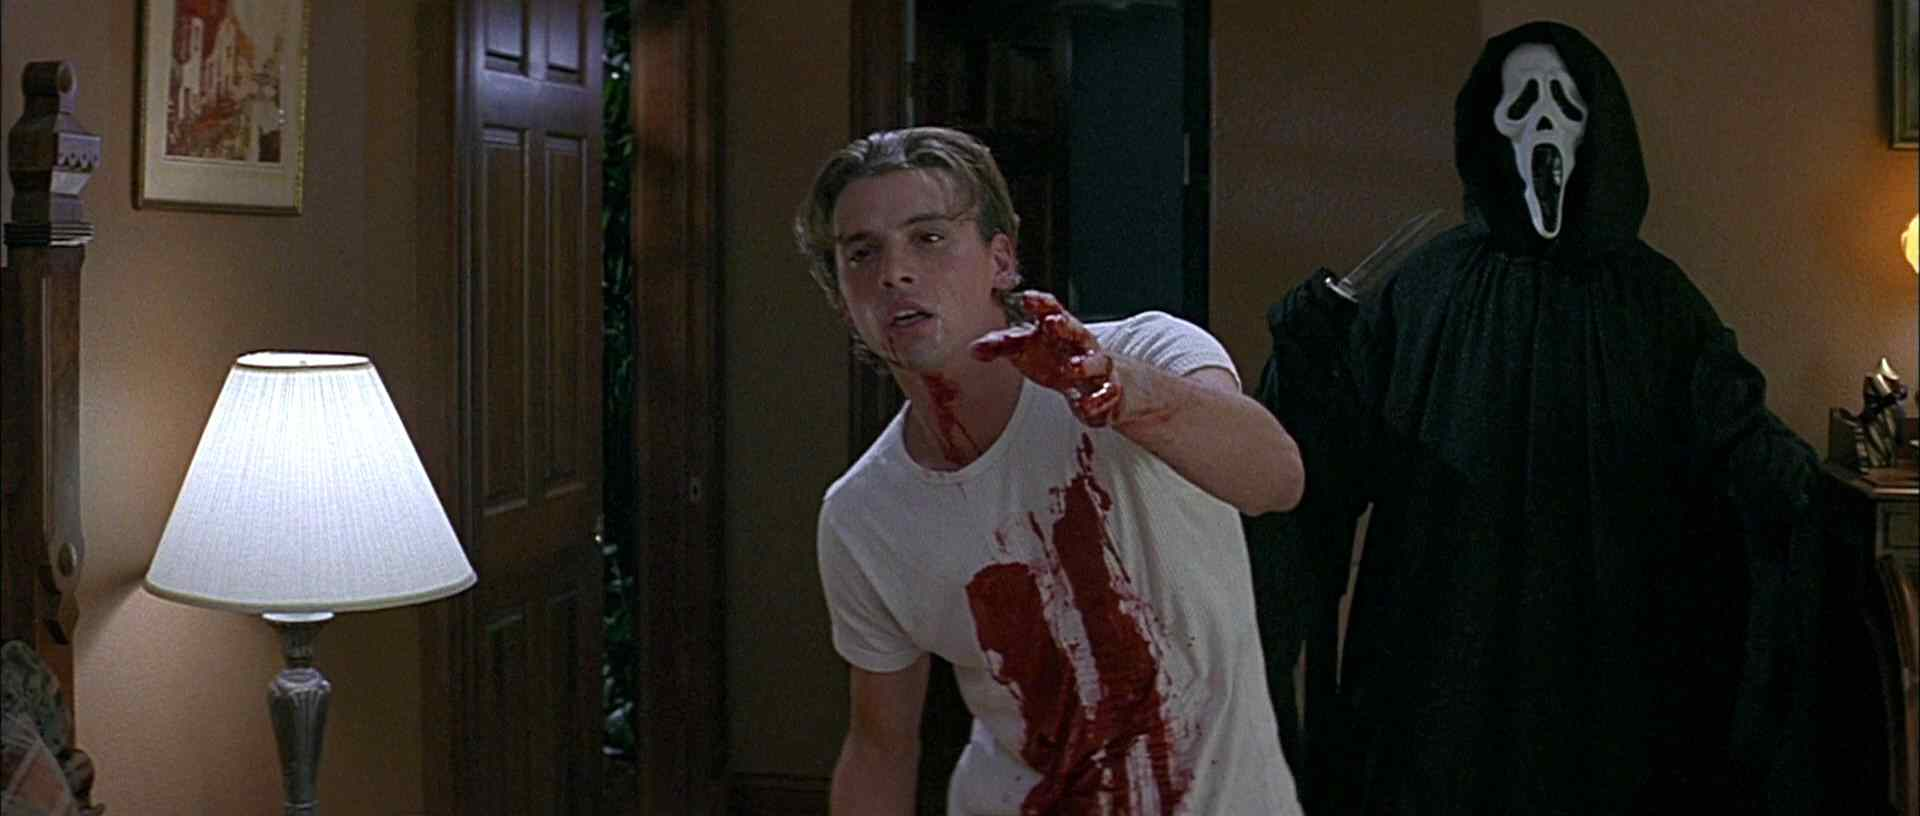 skeet ulrich from wes cravens popular scream franchise.